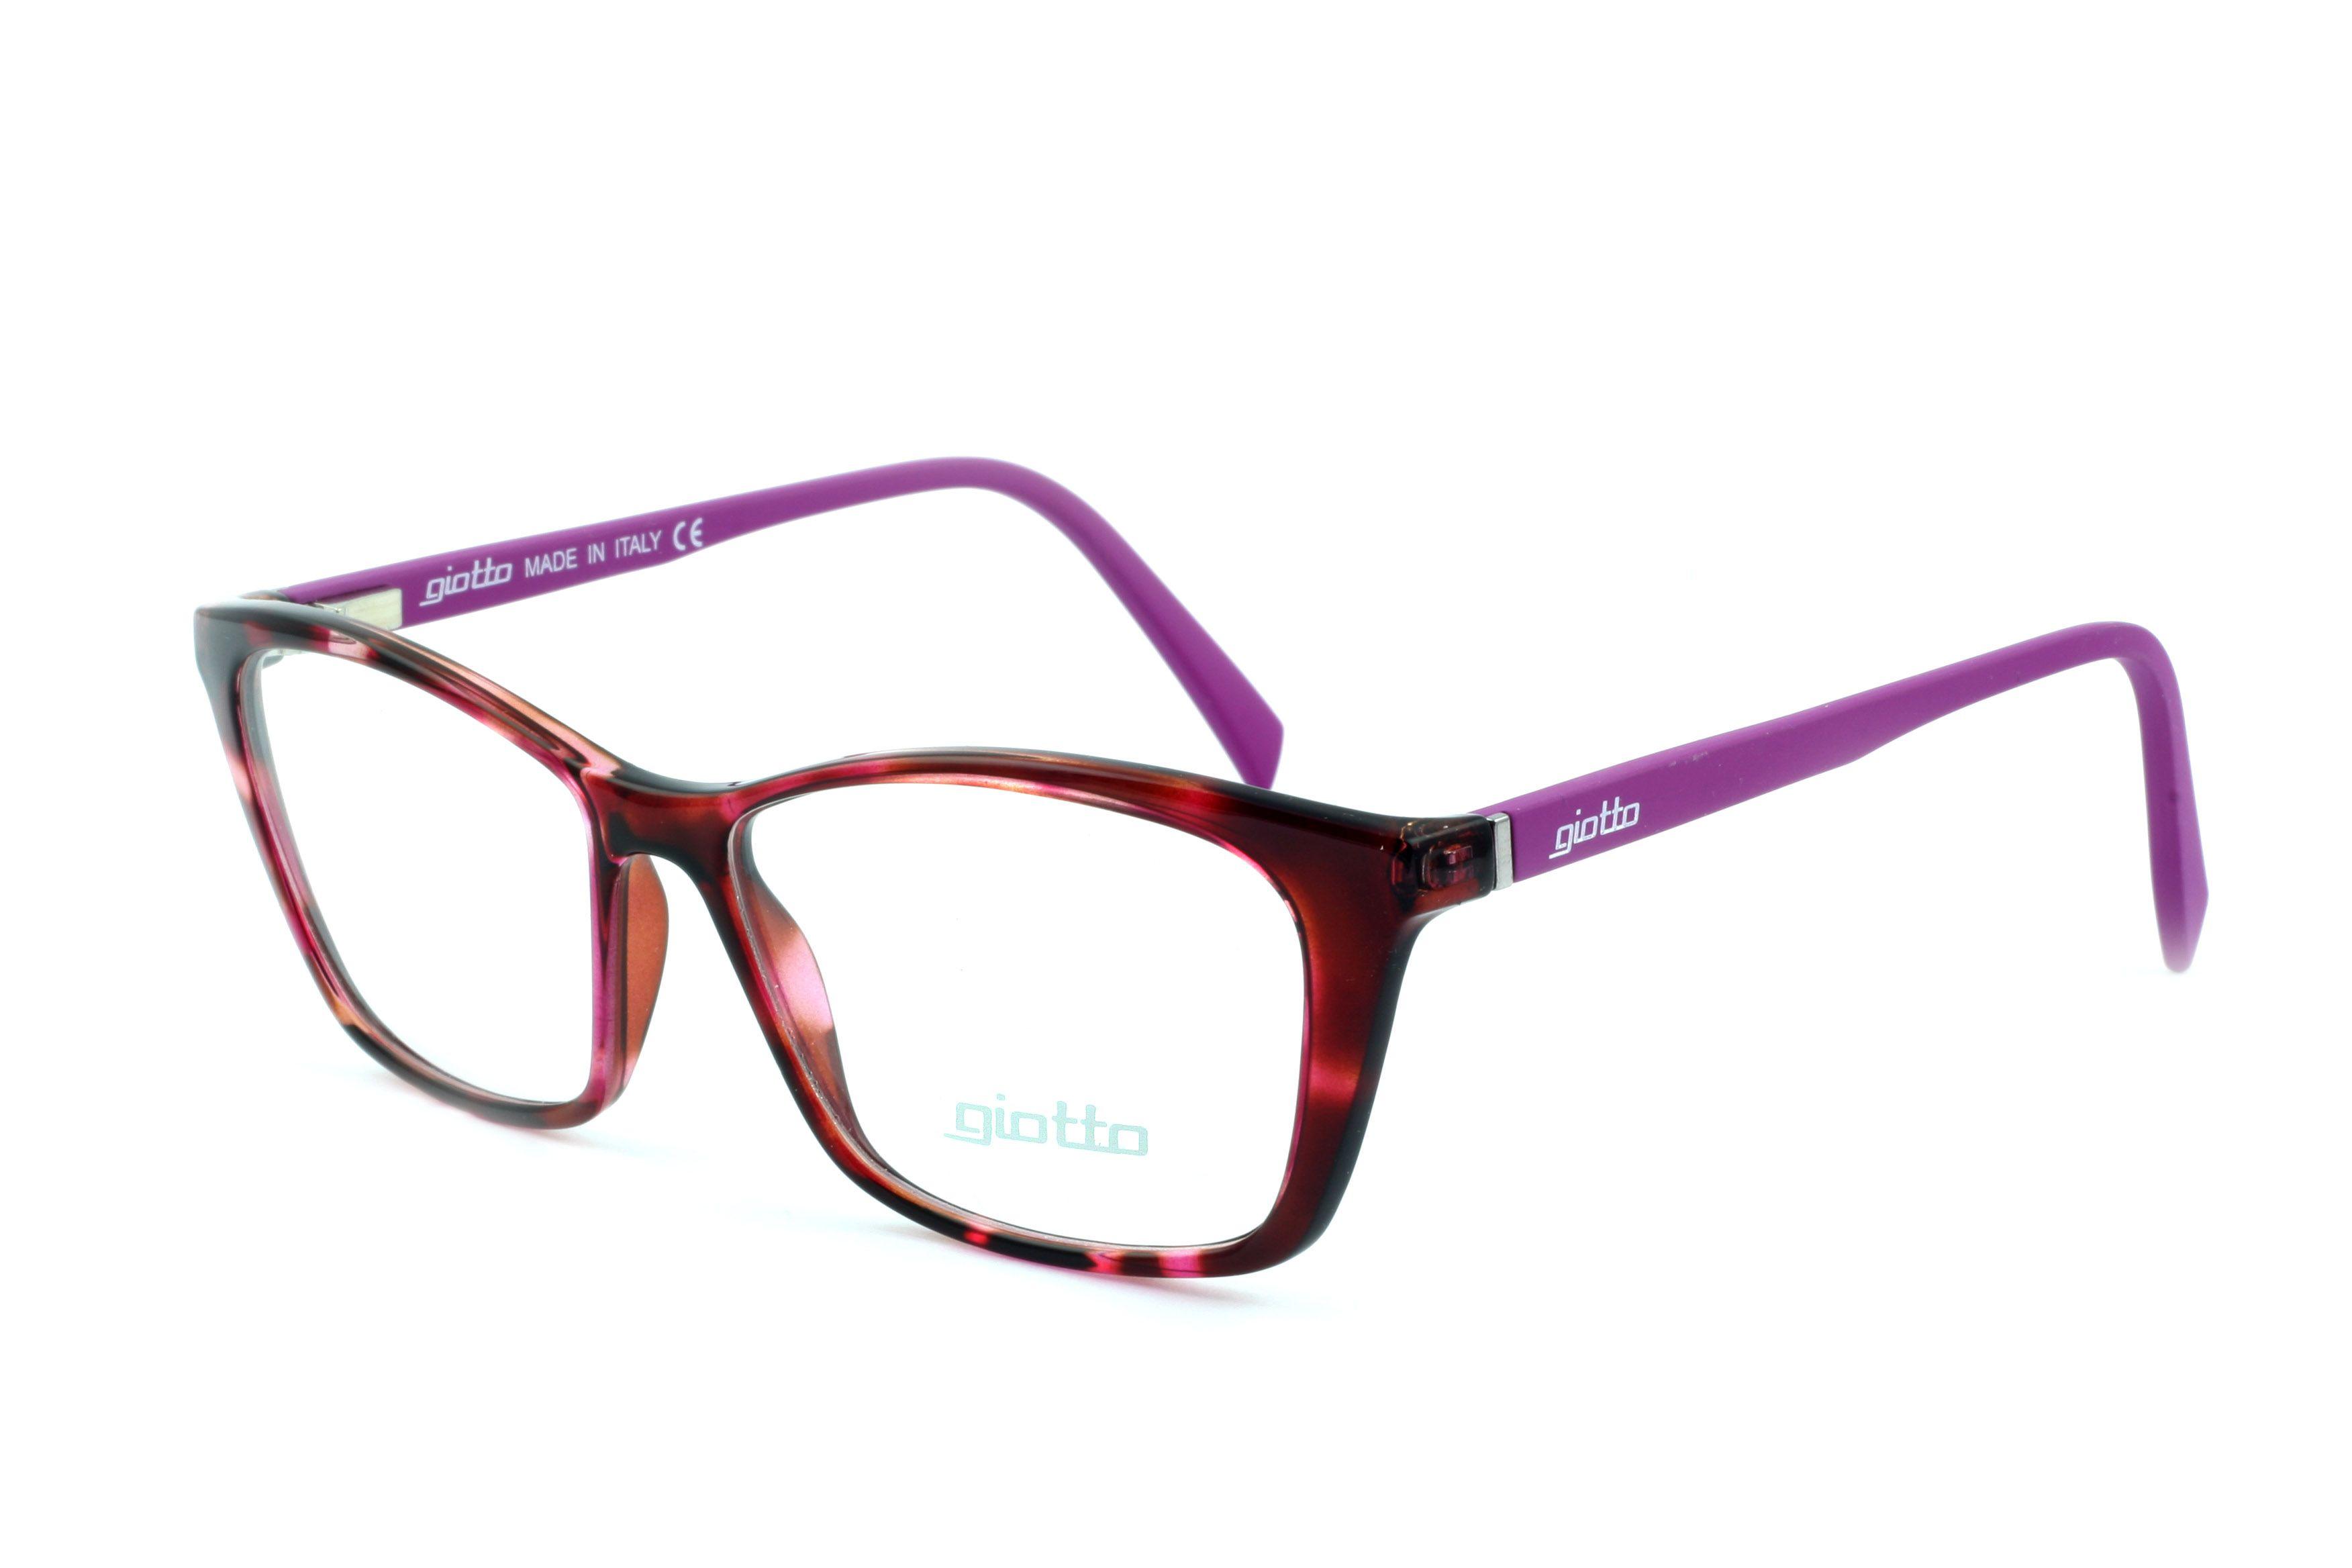 Vackra glasögon. Köp glasögonbågar med styrka.